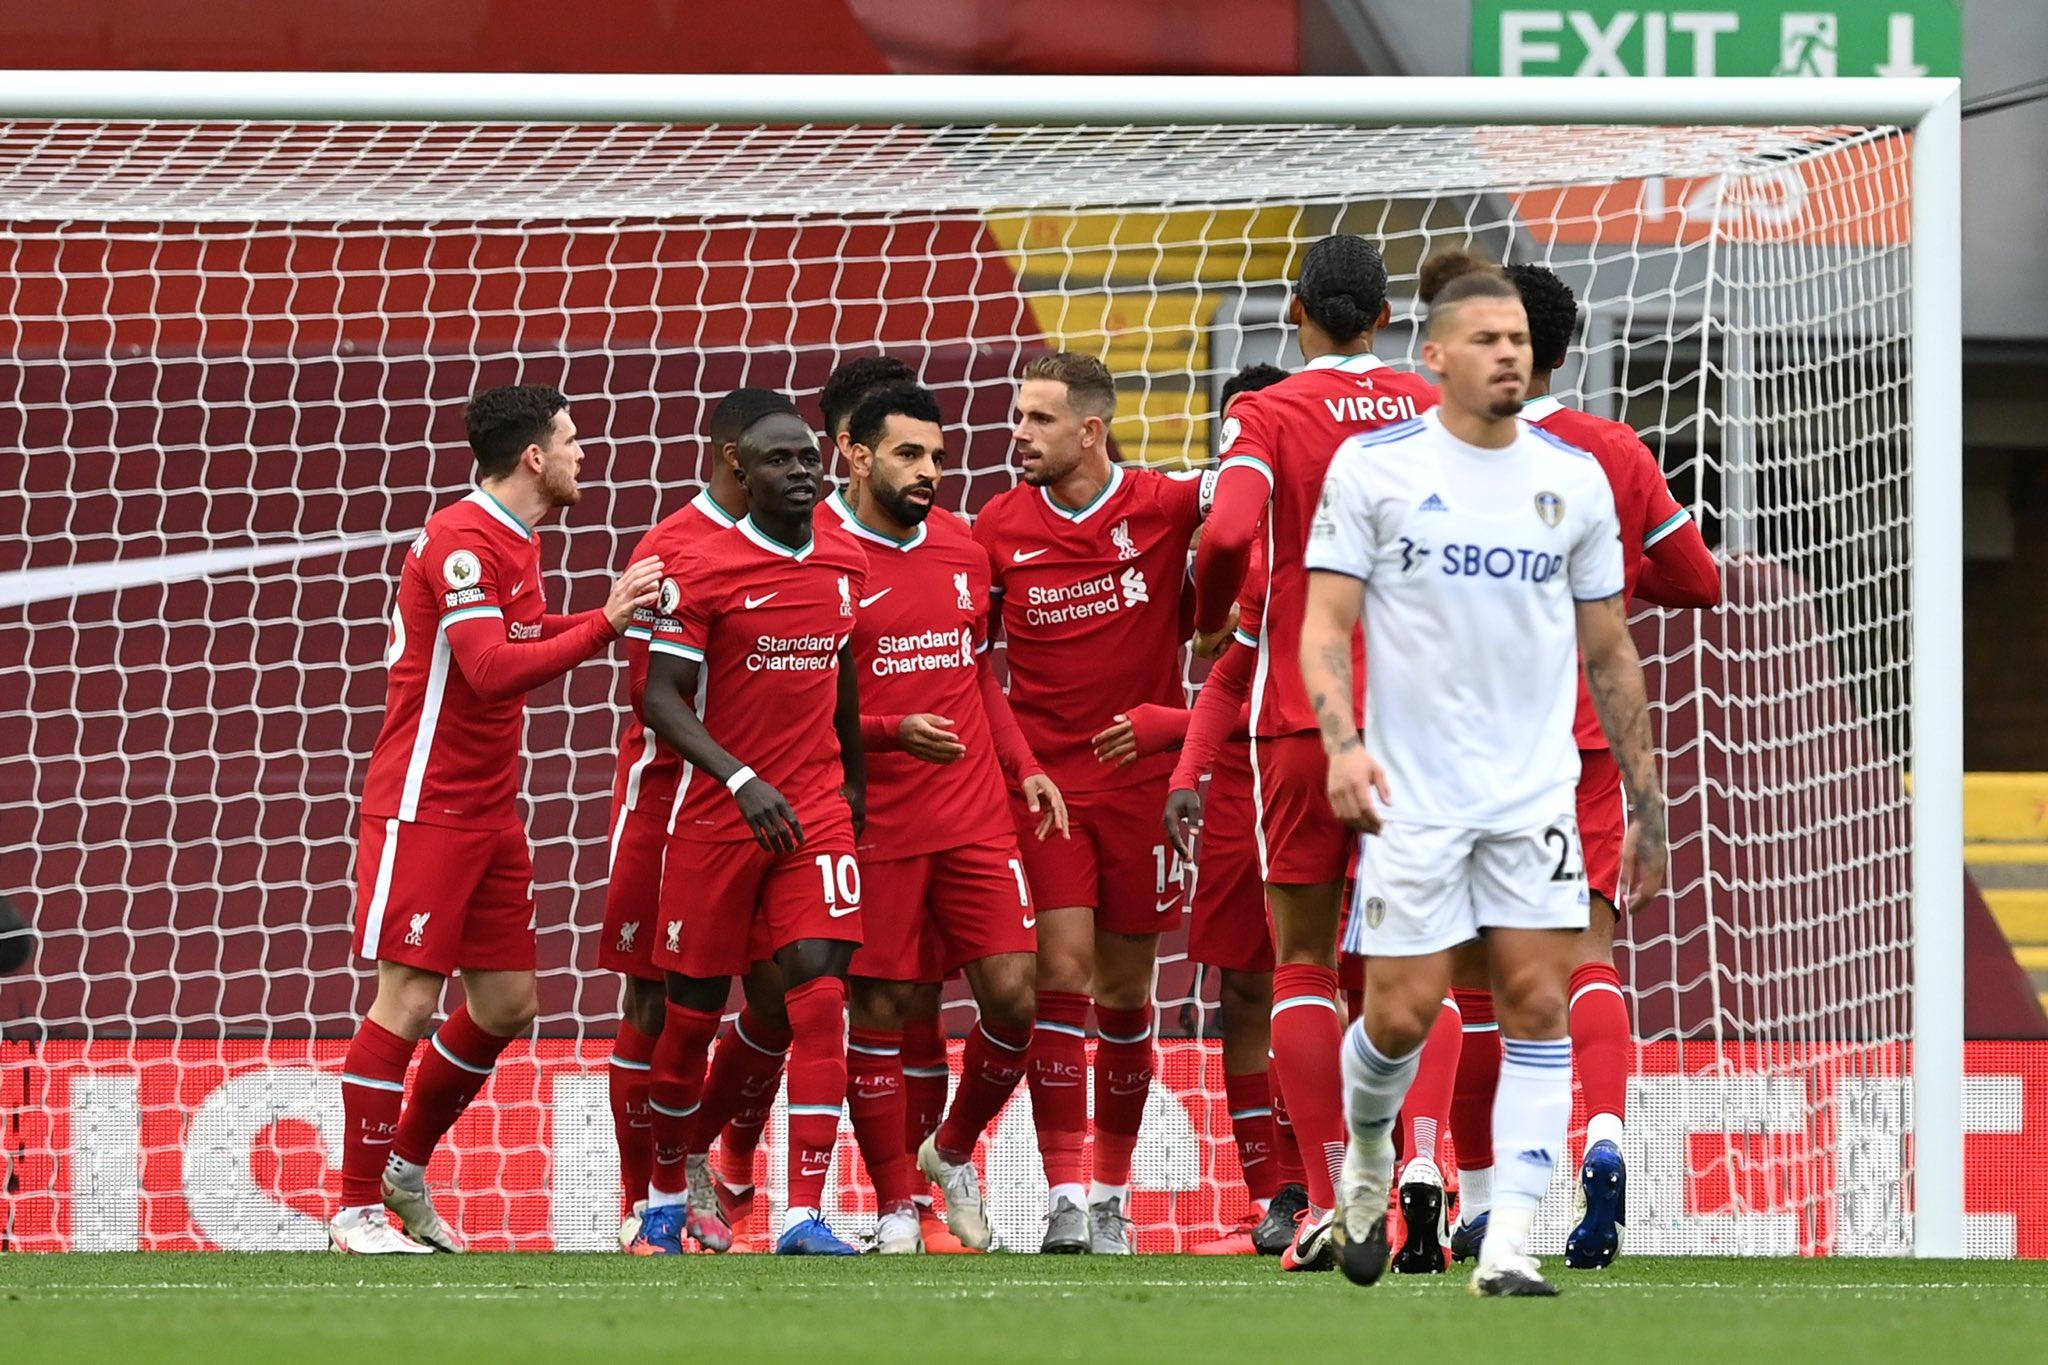 El Liverpool arranca la defensa del título imponiéndose al Leeds (4-3)